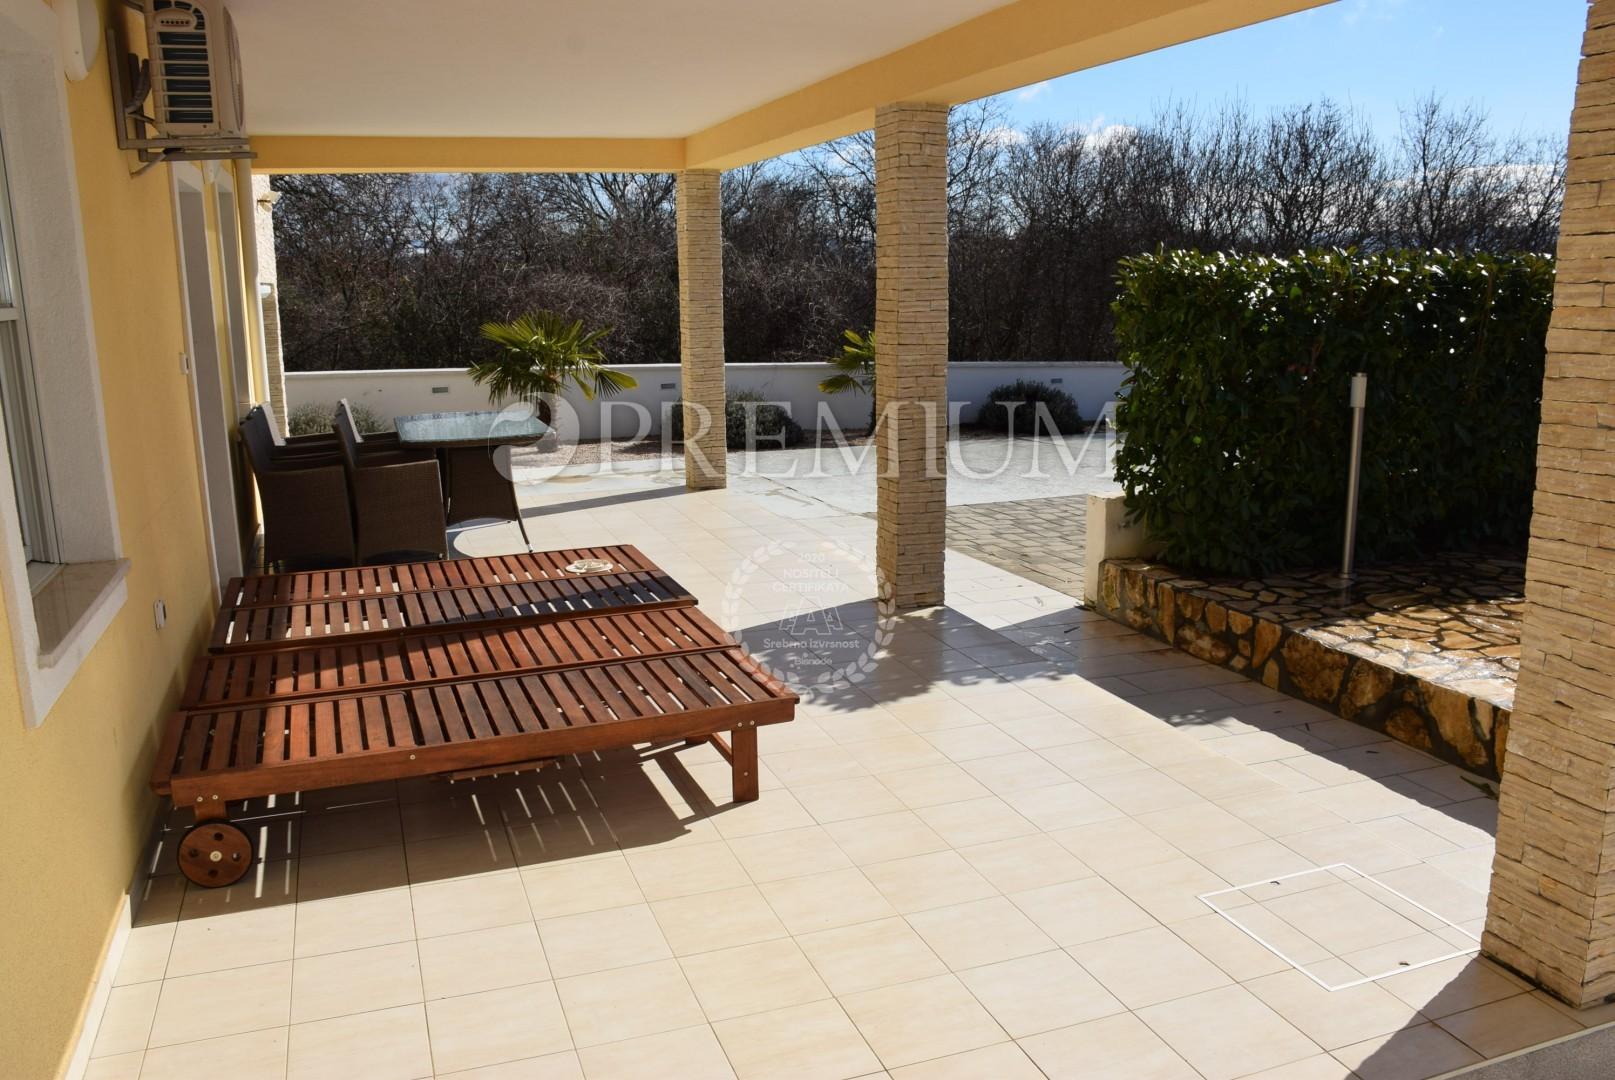 Haus von 180 m2 mit Pool und Meerblick, Haus